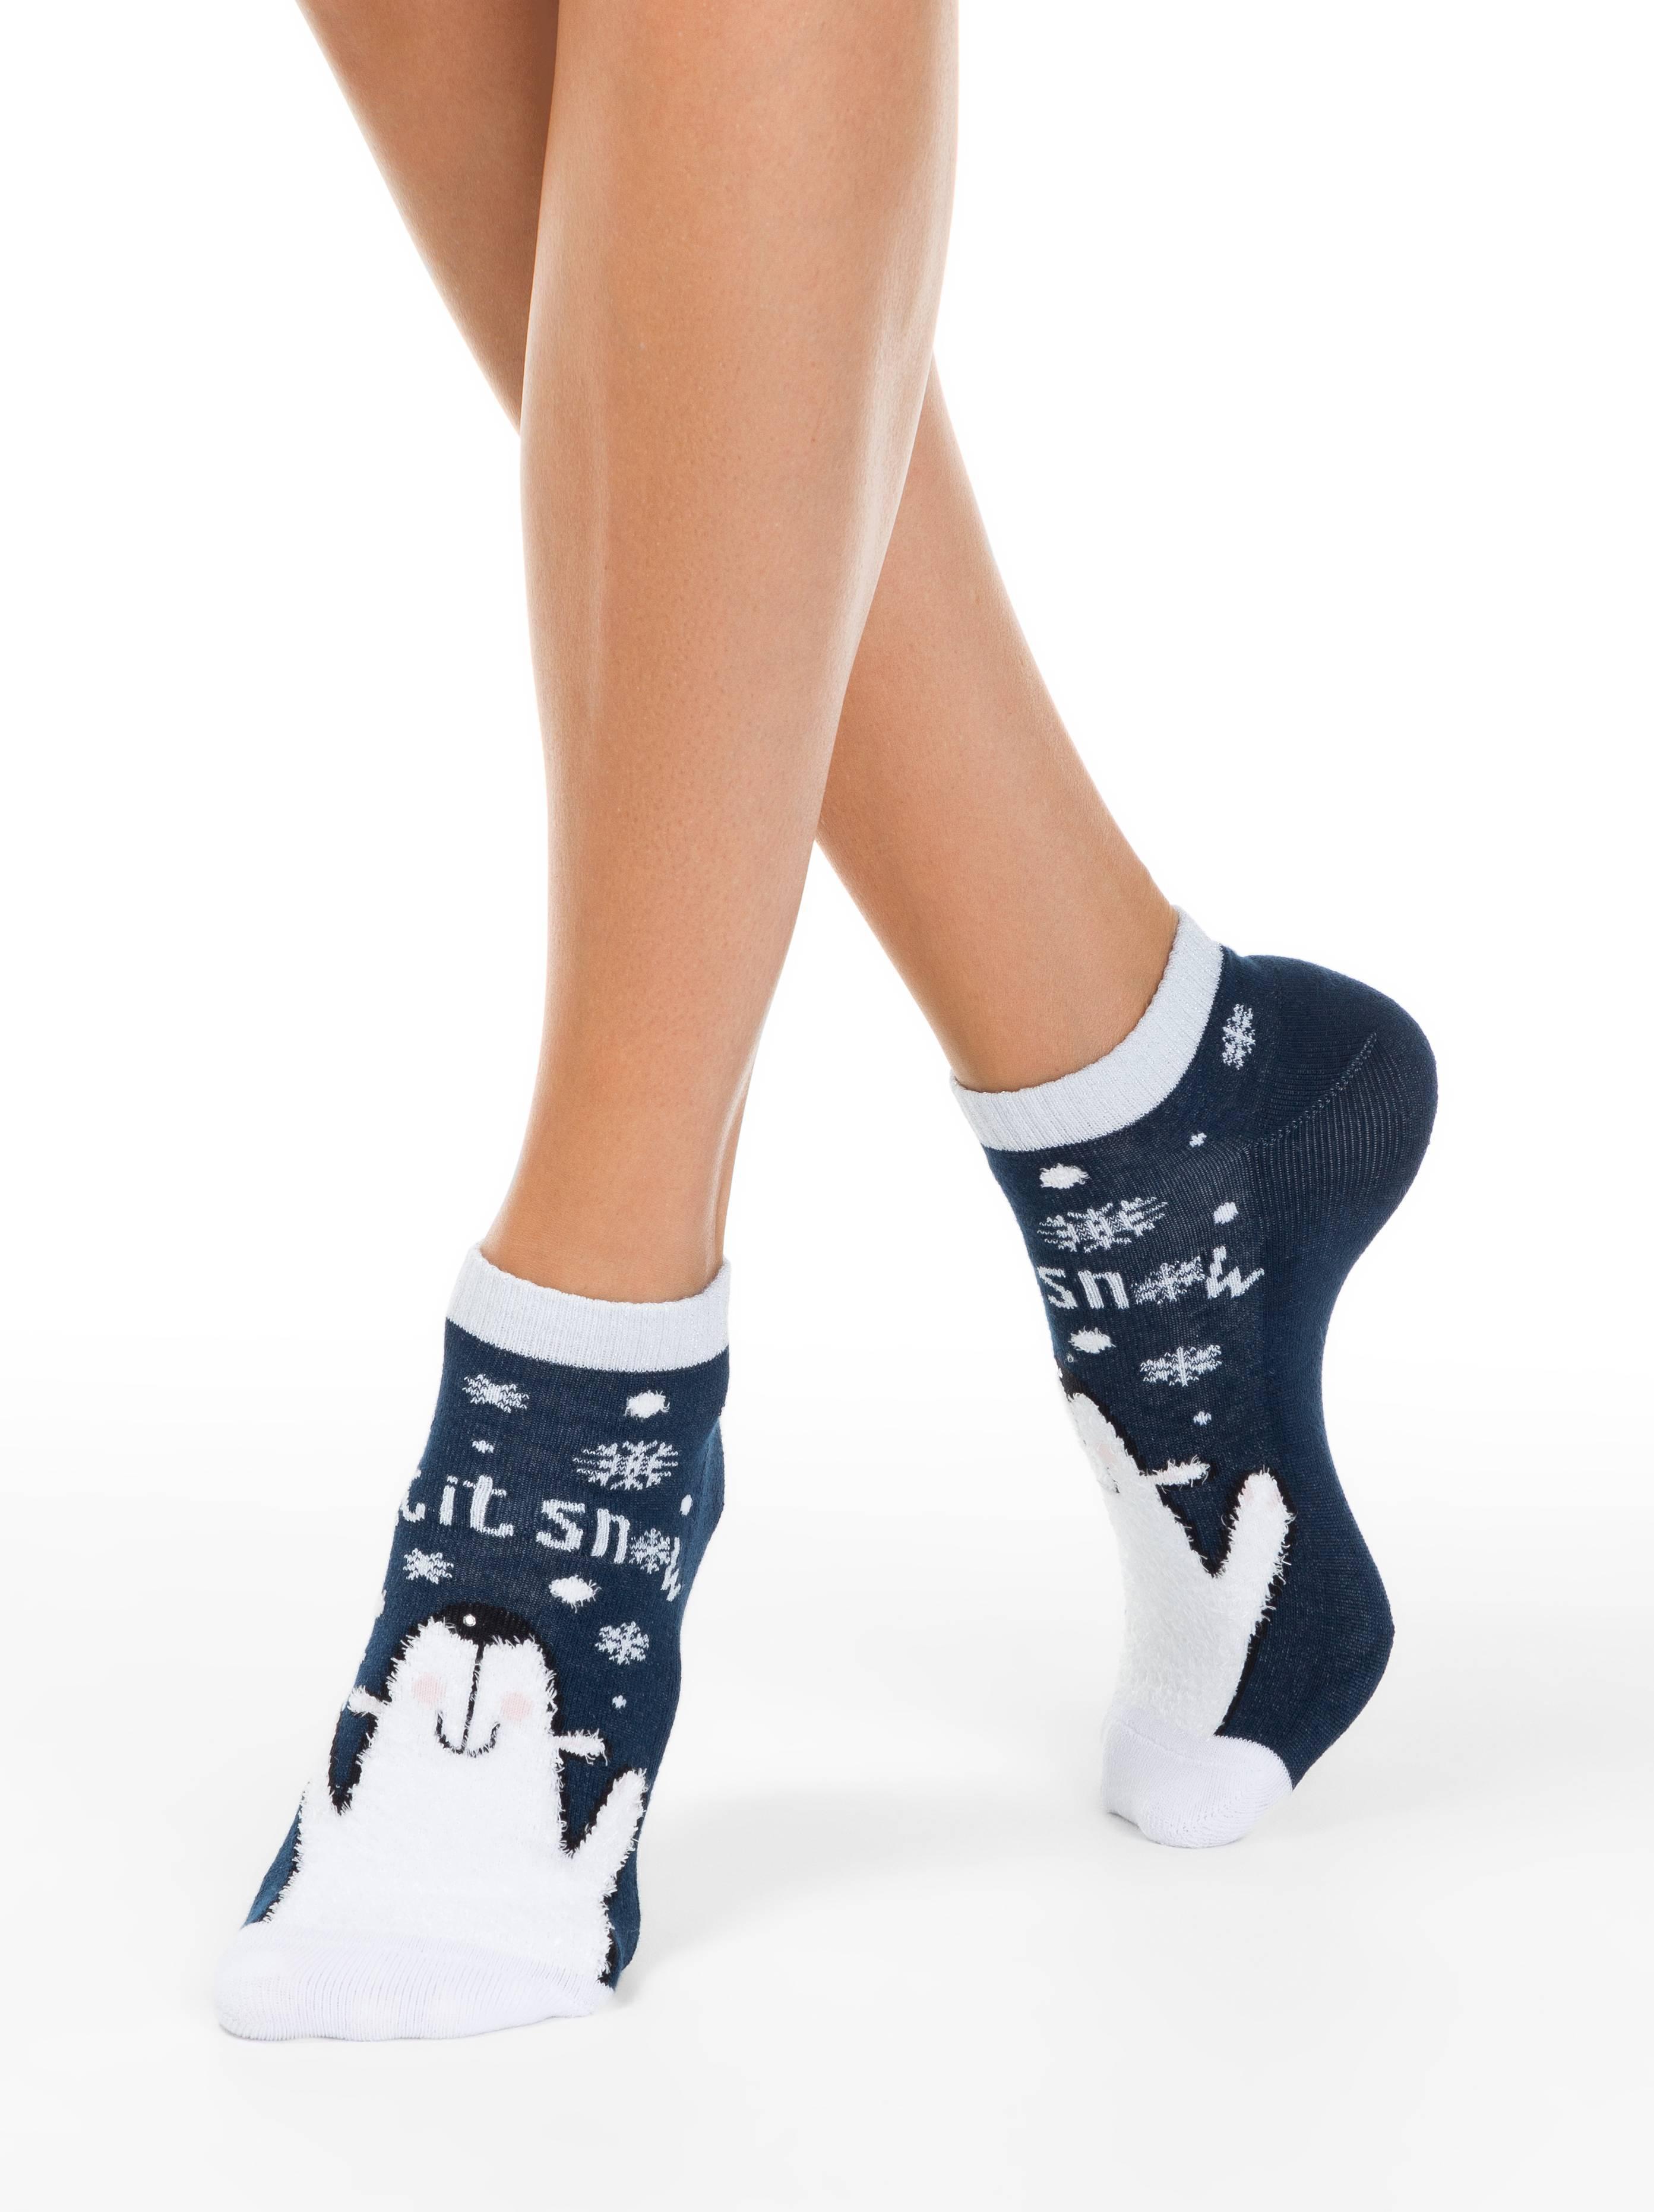 Носки женские ⭐️ Короткие новогодние носки со стразами и люрексом «Let it snow» ⭐️